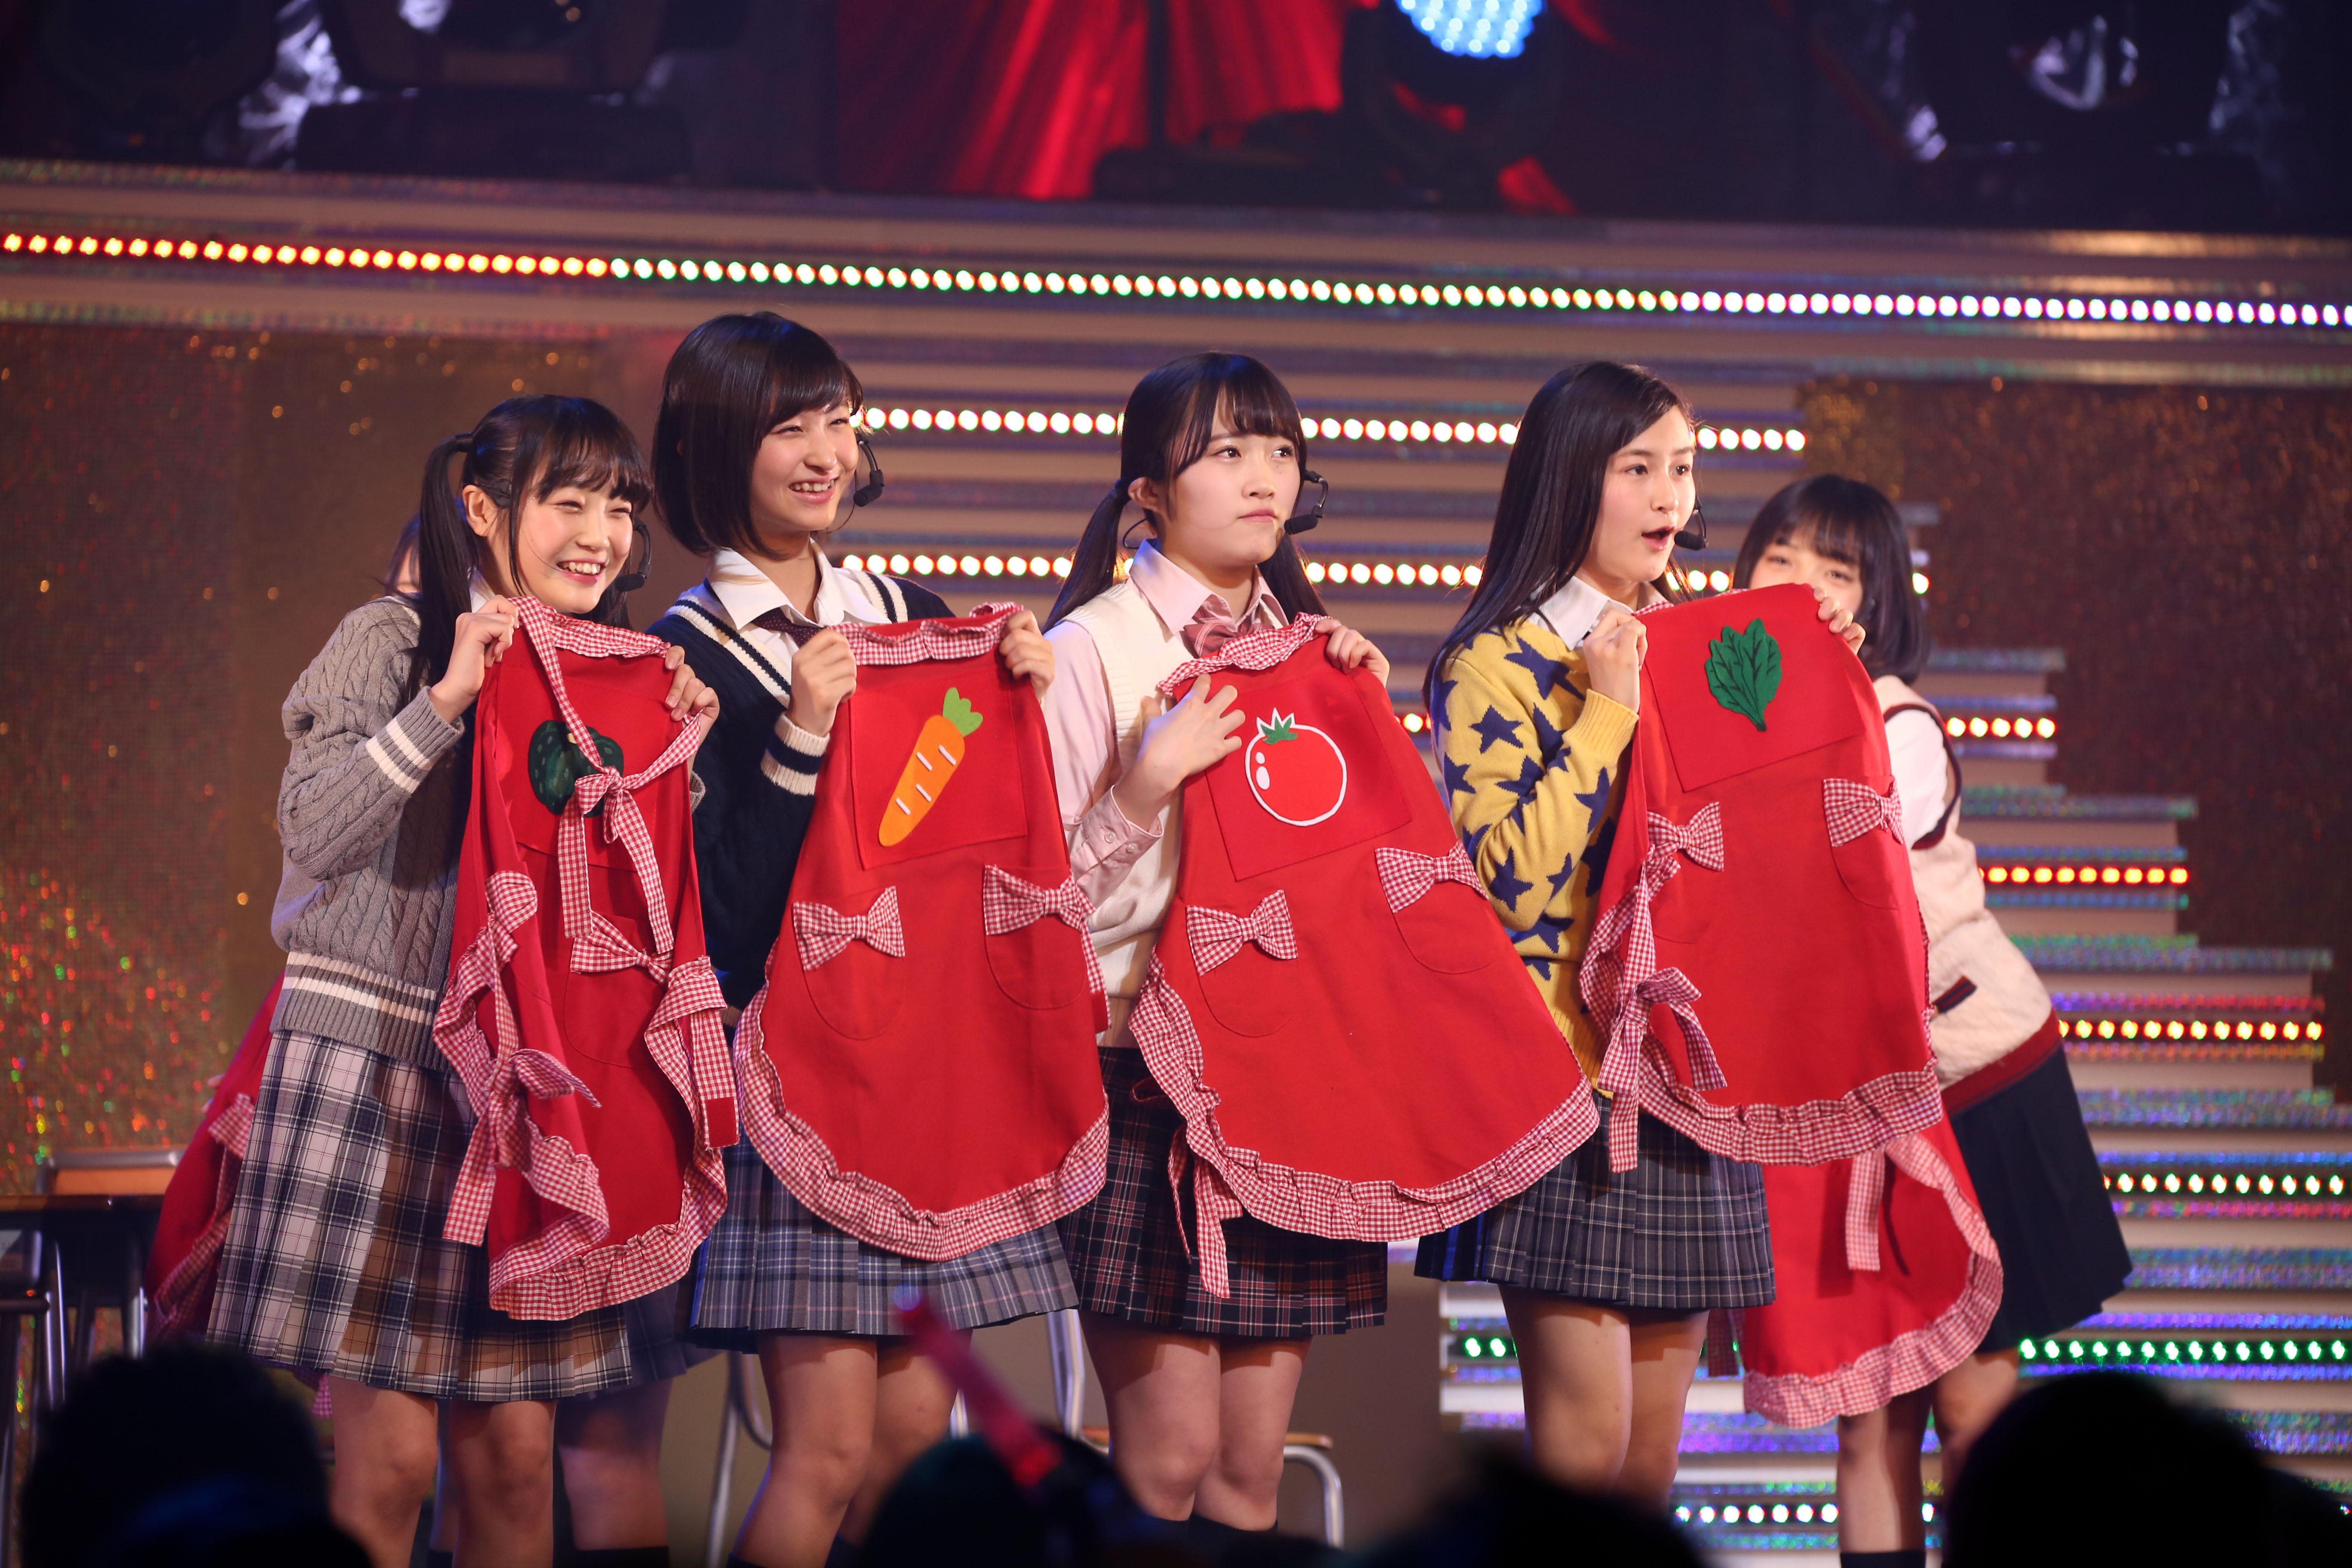 16期研究生単独コンサートで「野菜シスターズ」のセンターを務める山根涼羽(左から3番目)(2018年1月)